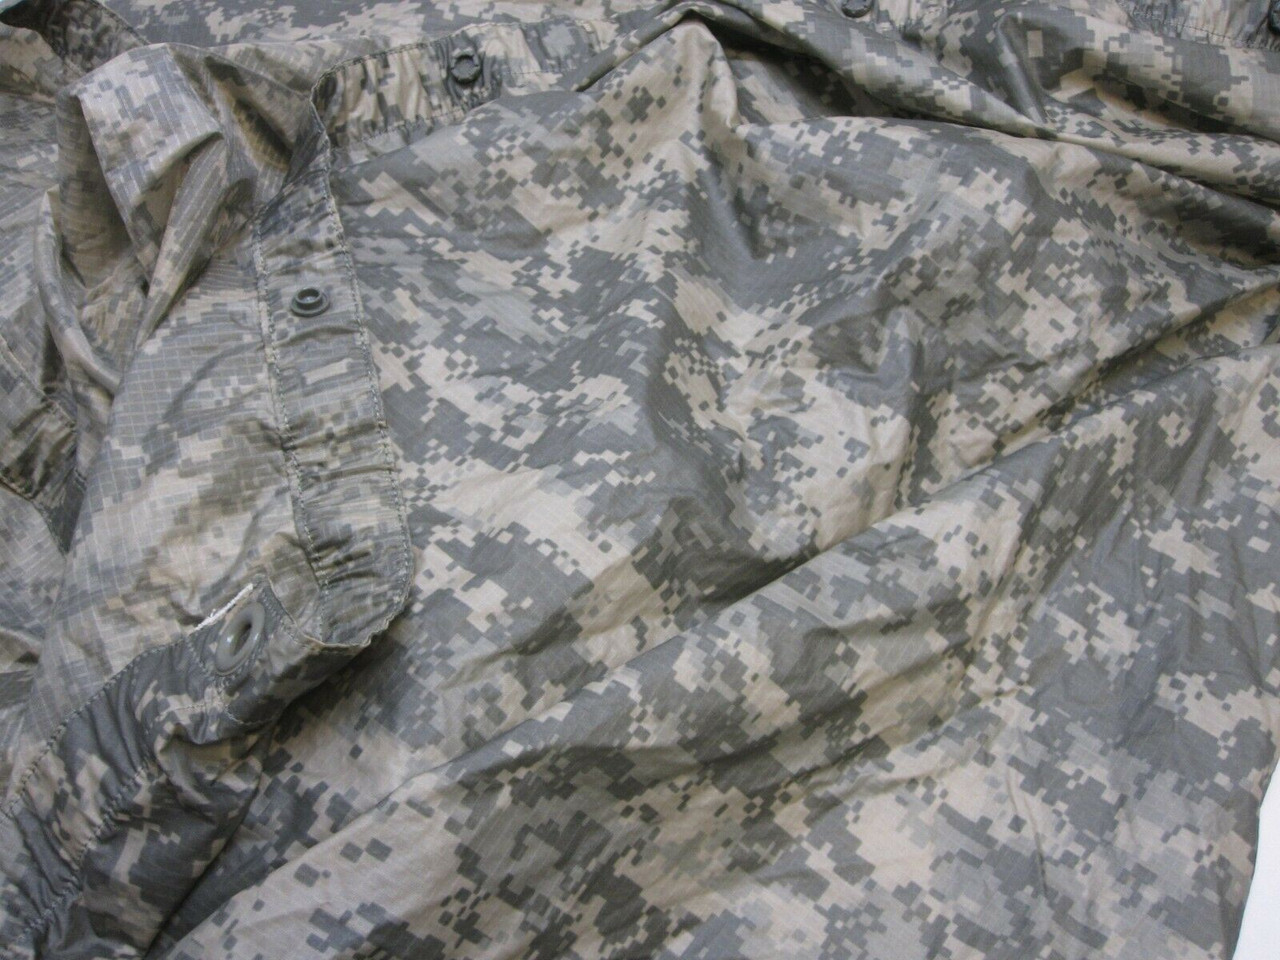 USGI ARMY ISSUE RAIN PONCHO WET WEATHER GEAR ACU DIGITAL UCP 8405-01-547-2555